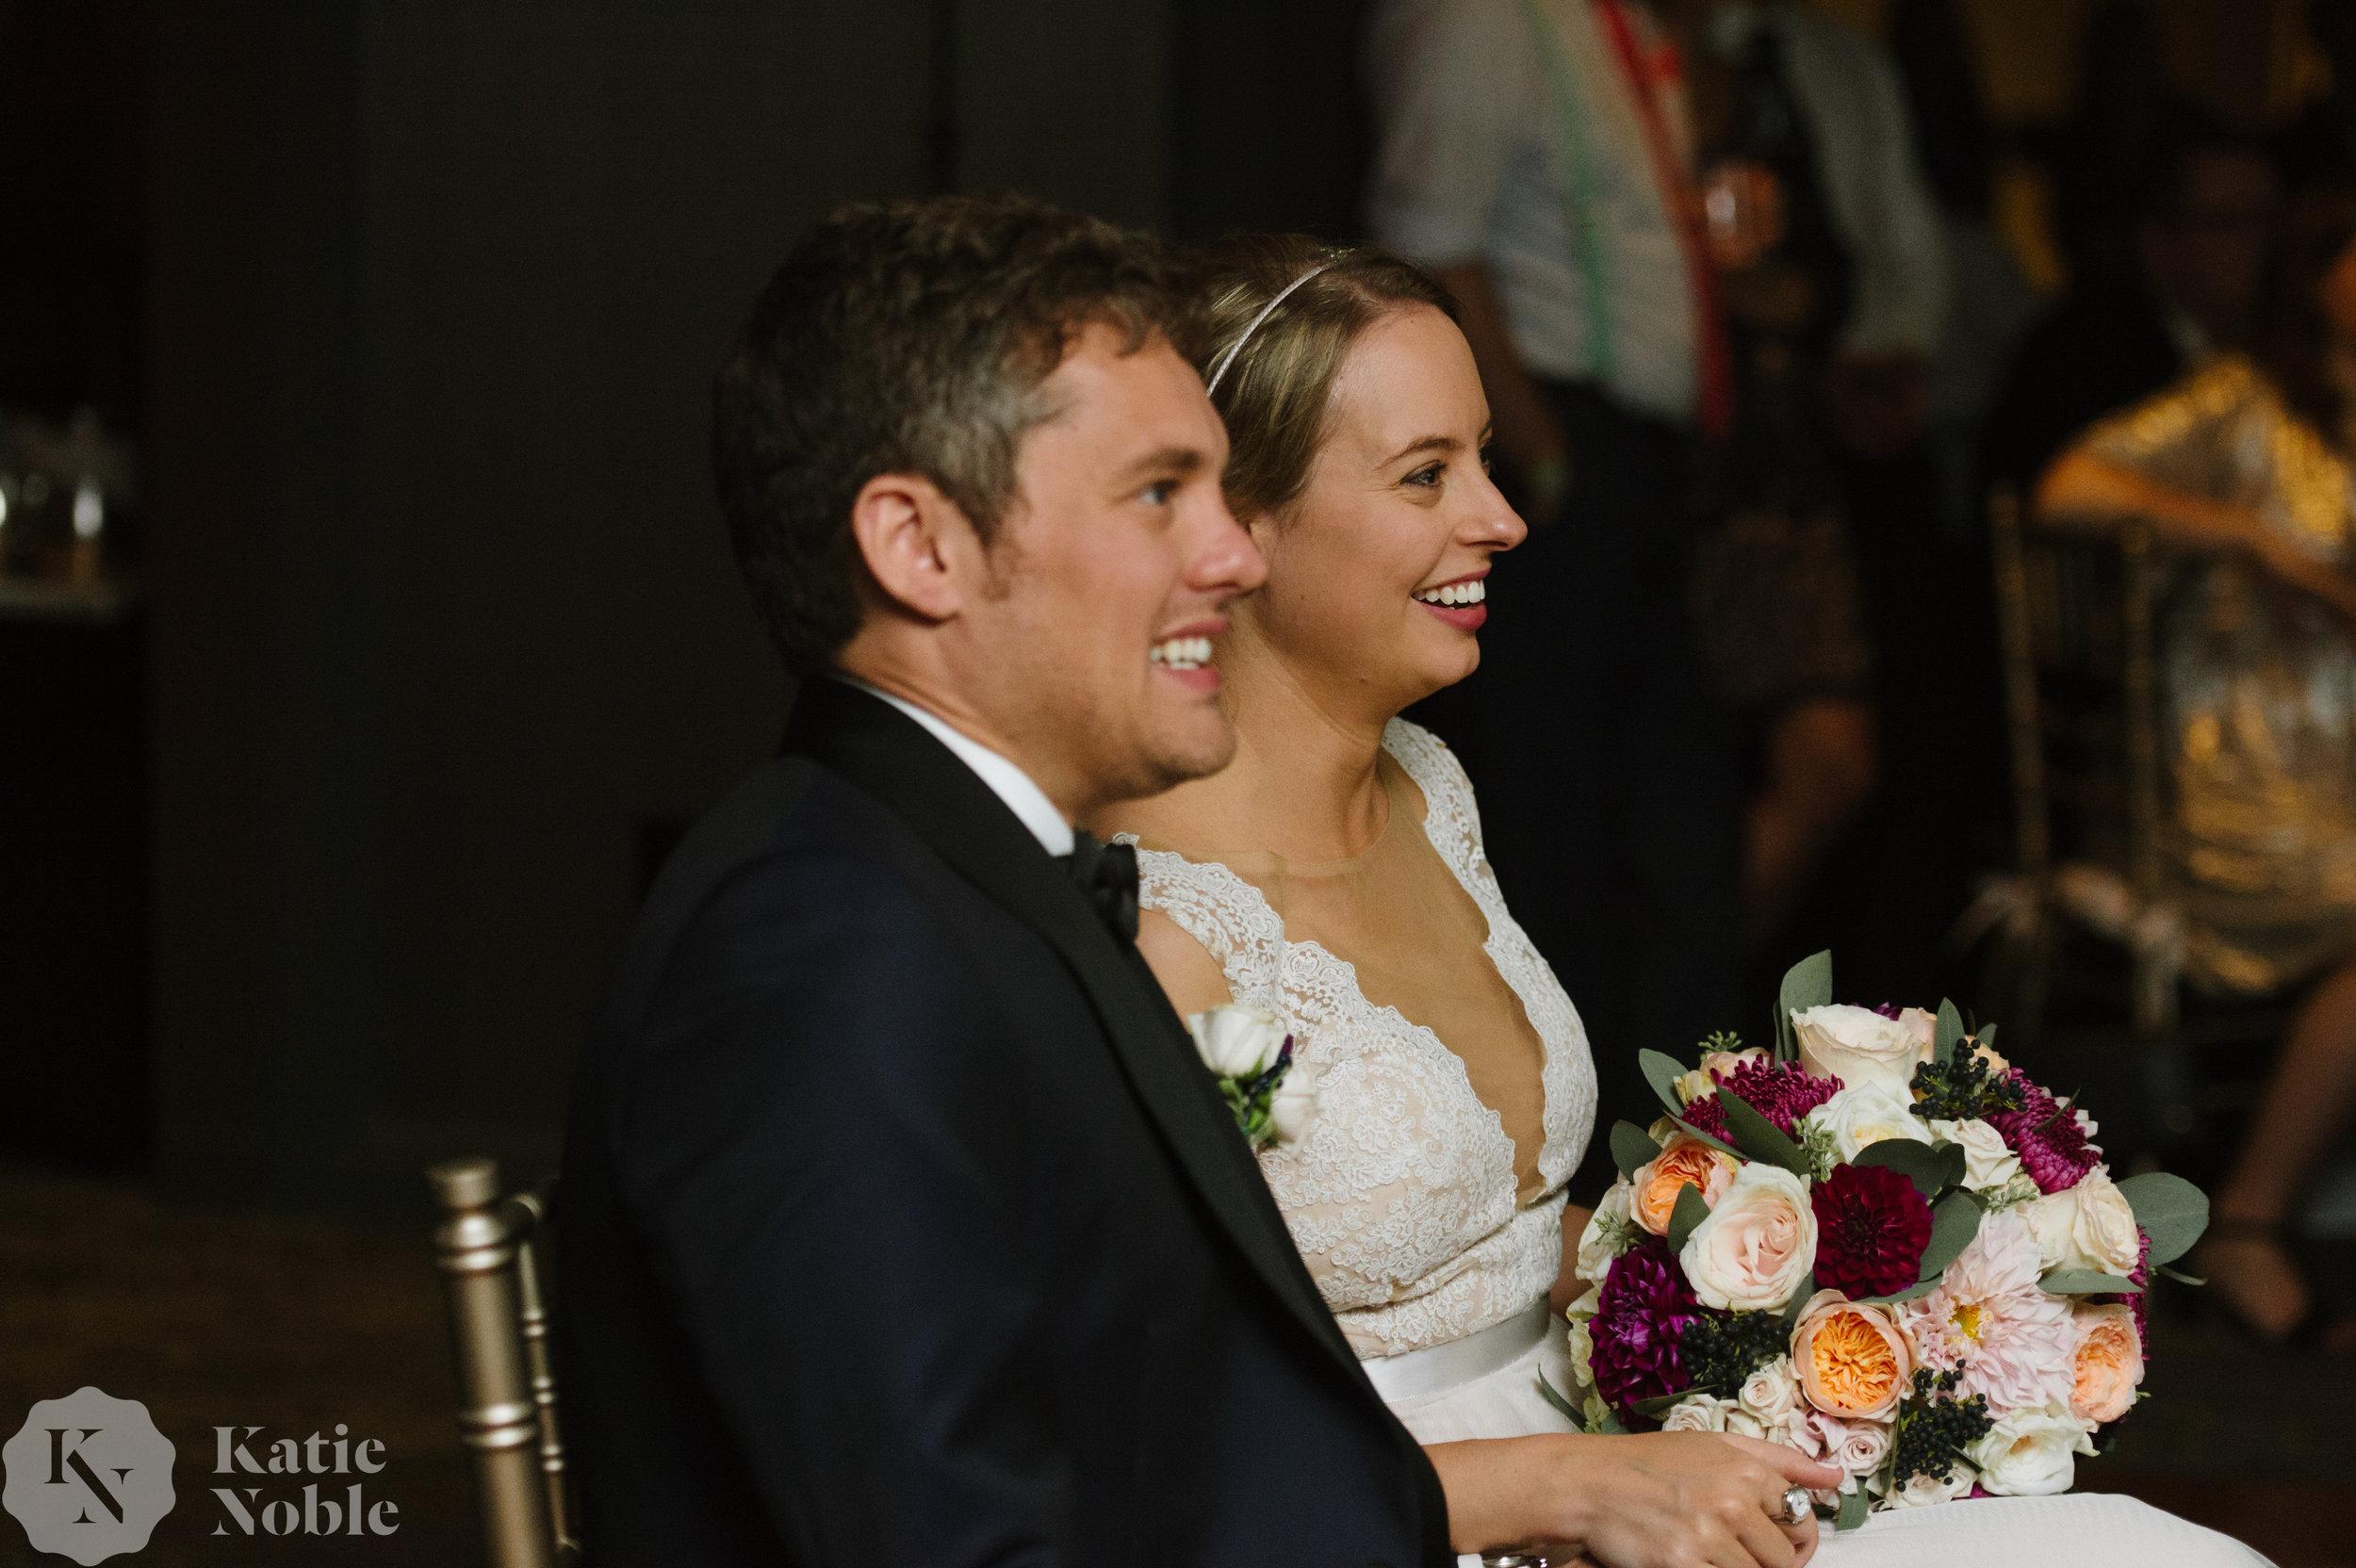 Katie-Noble-Weddings -32.jpg